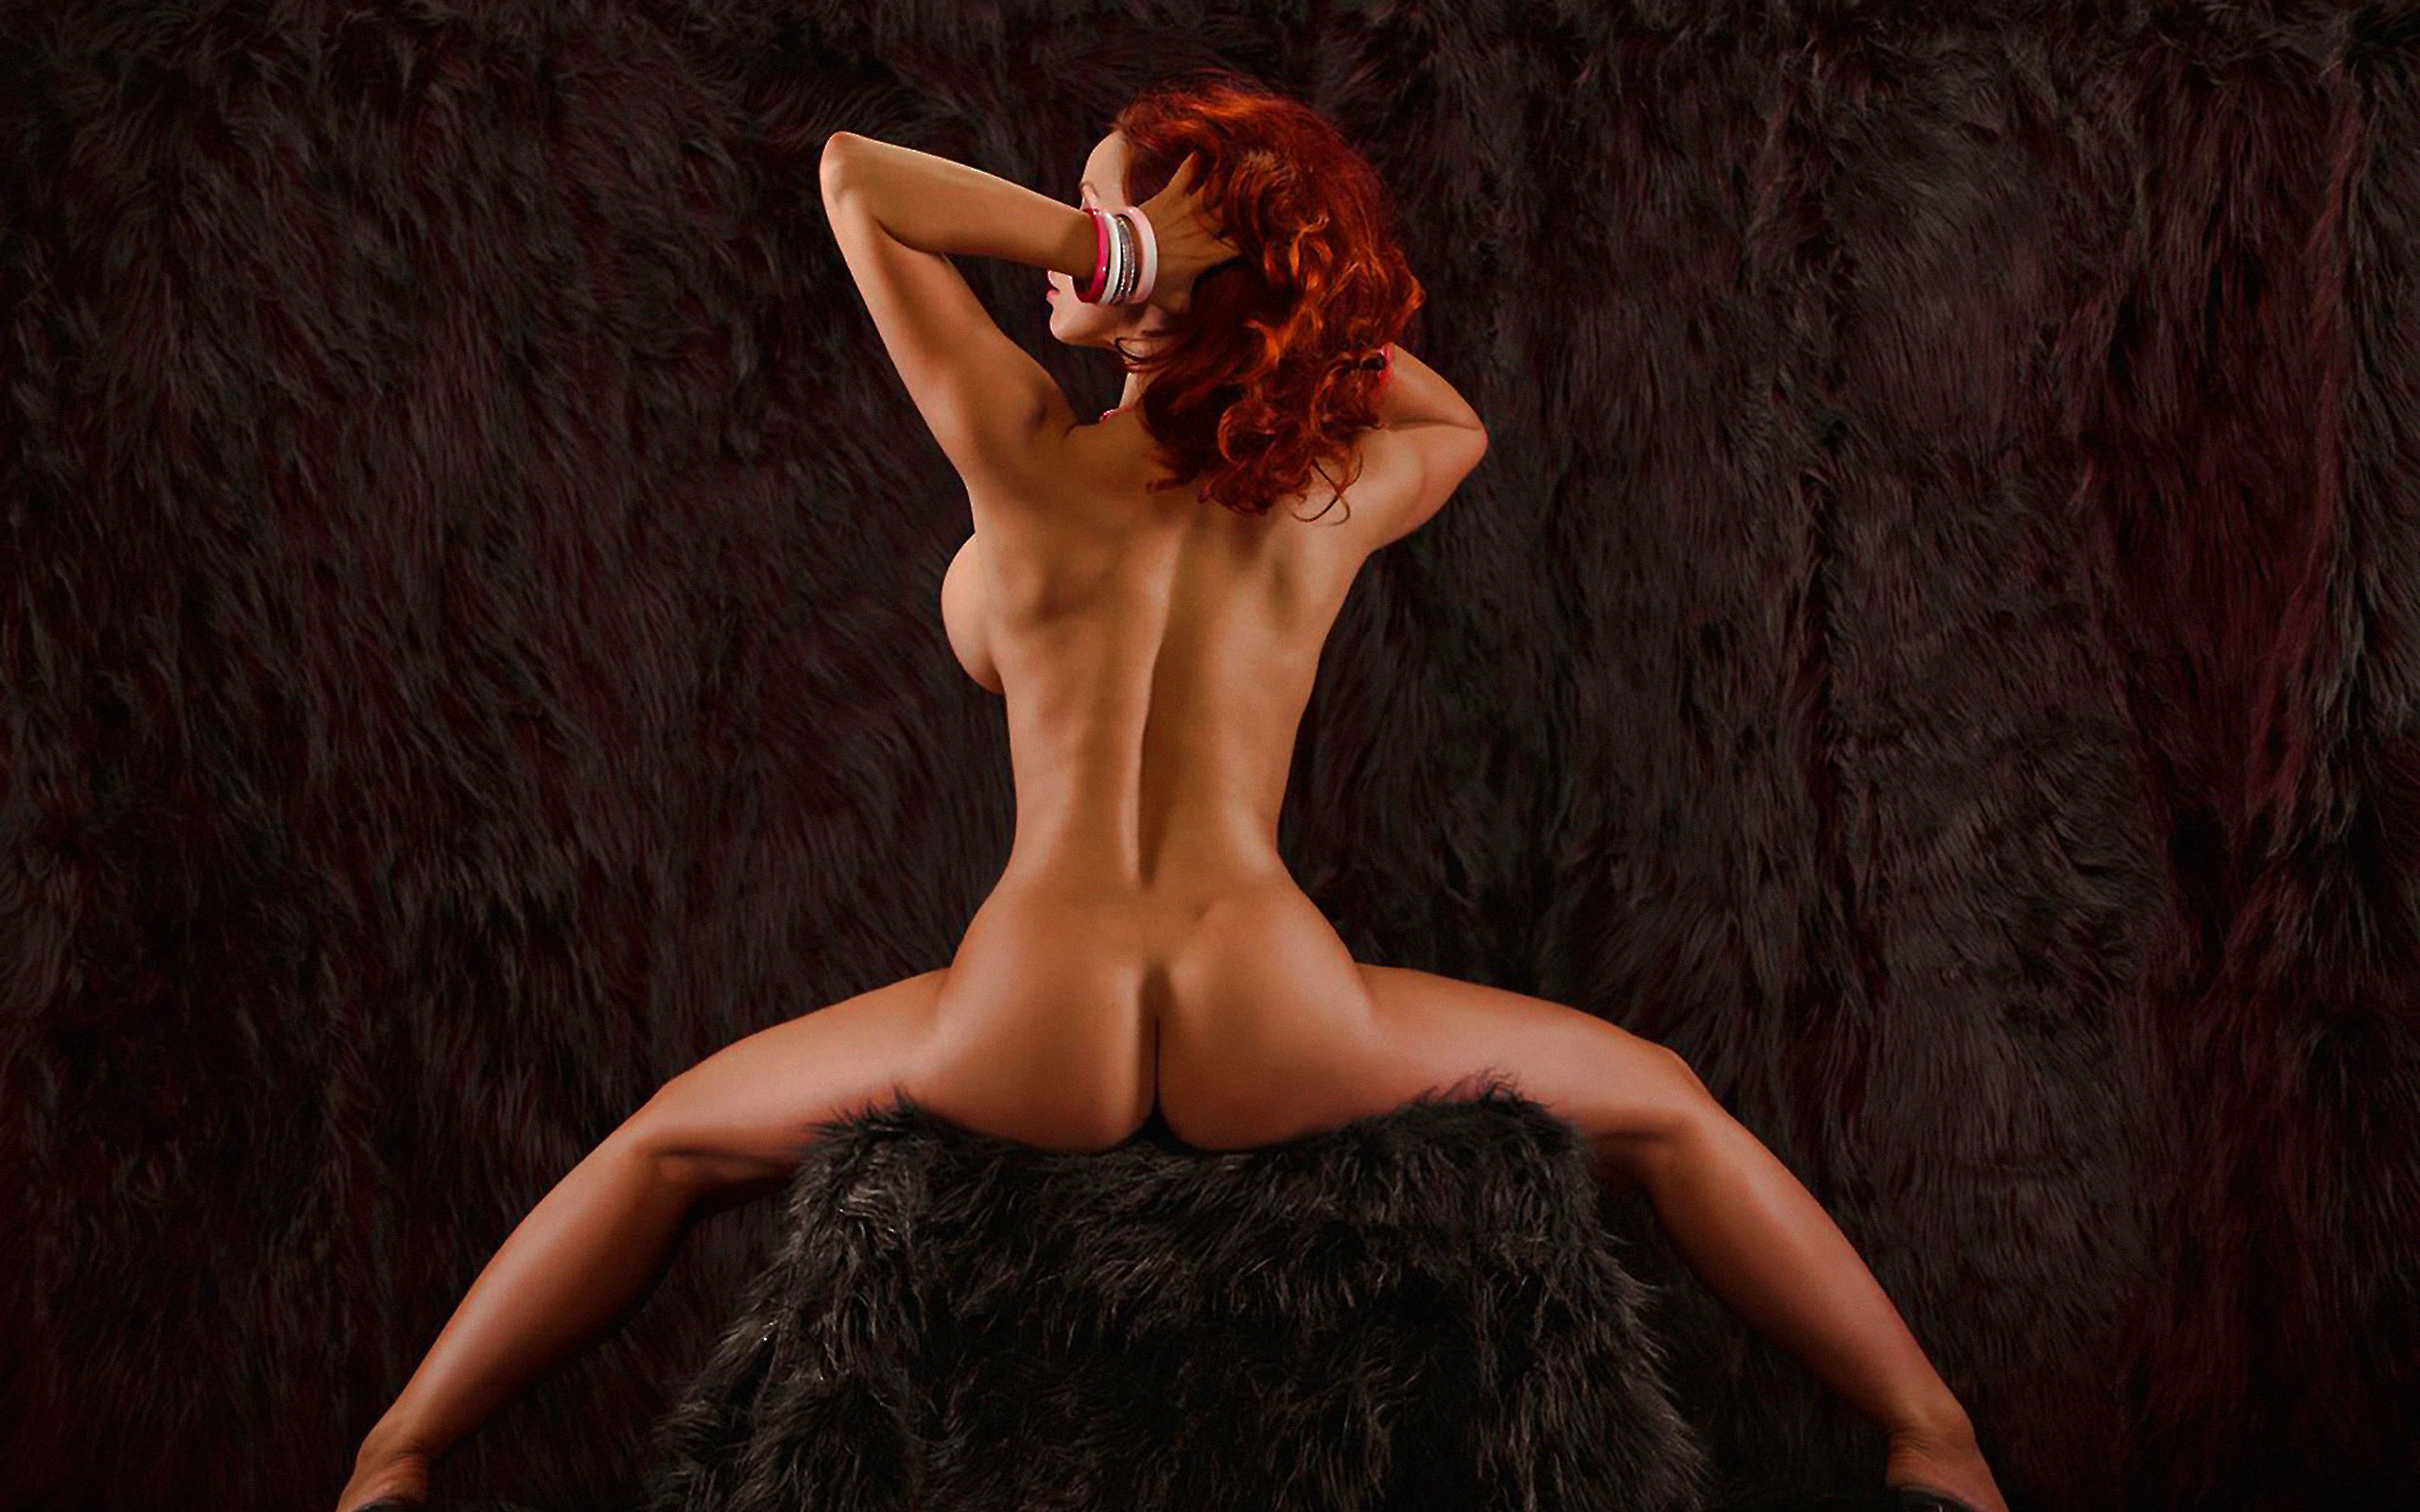 Дыра ебется фотографии девушек со спины обнаженных